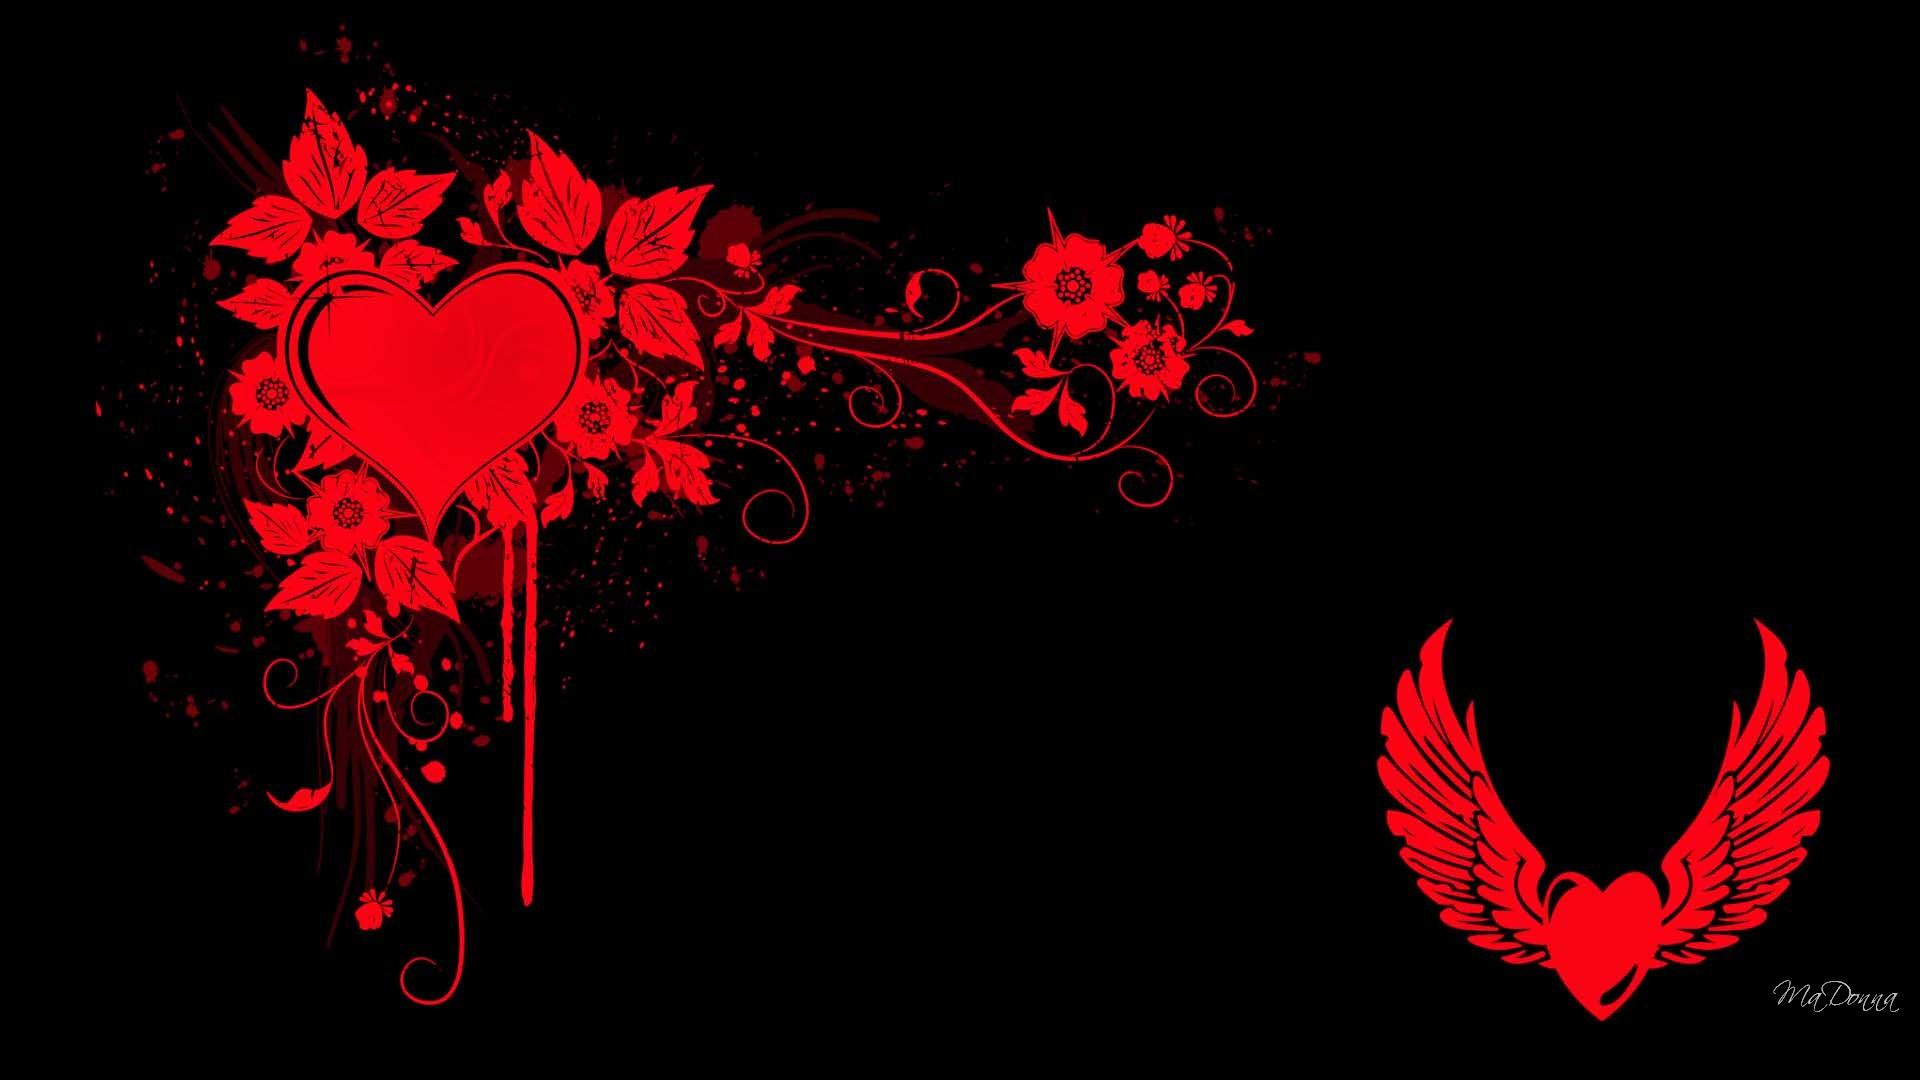 Broken Love Iphone Wallpaper : Heartbroken Backgrounds - WallpaperSafari